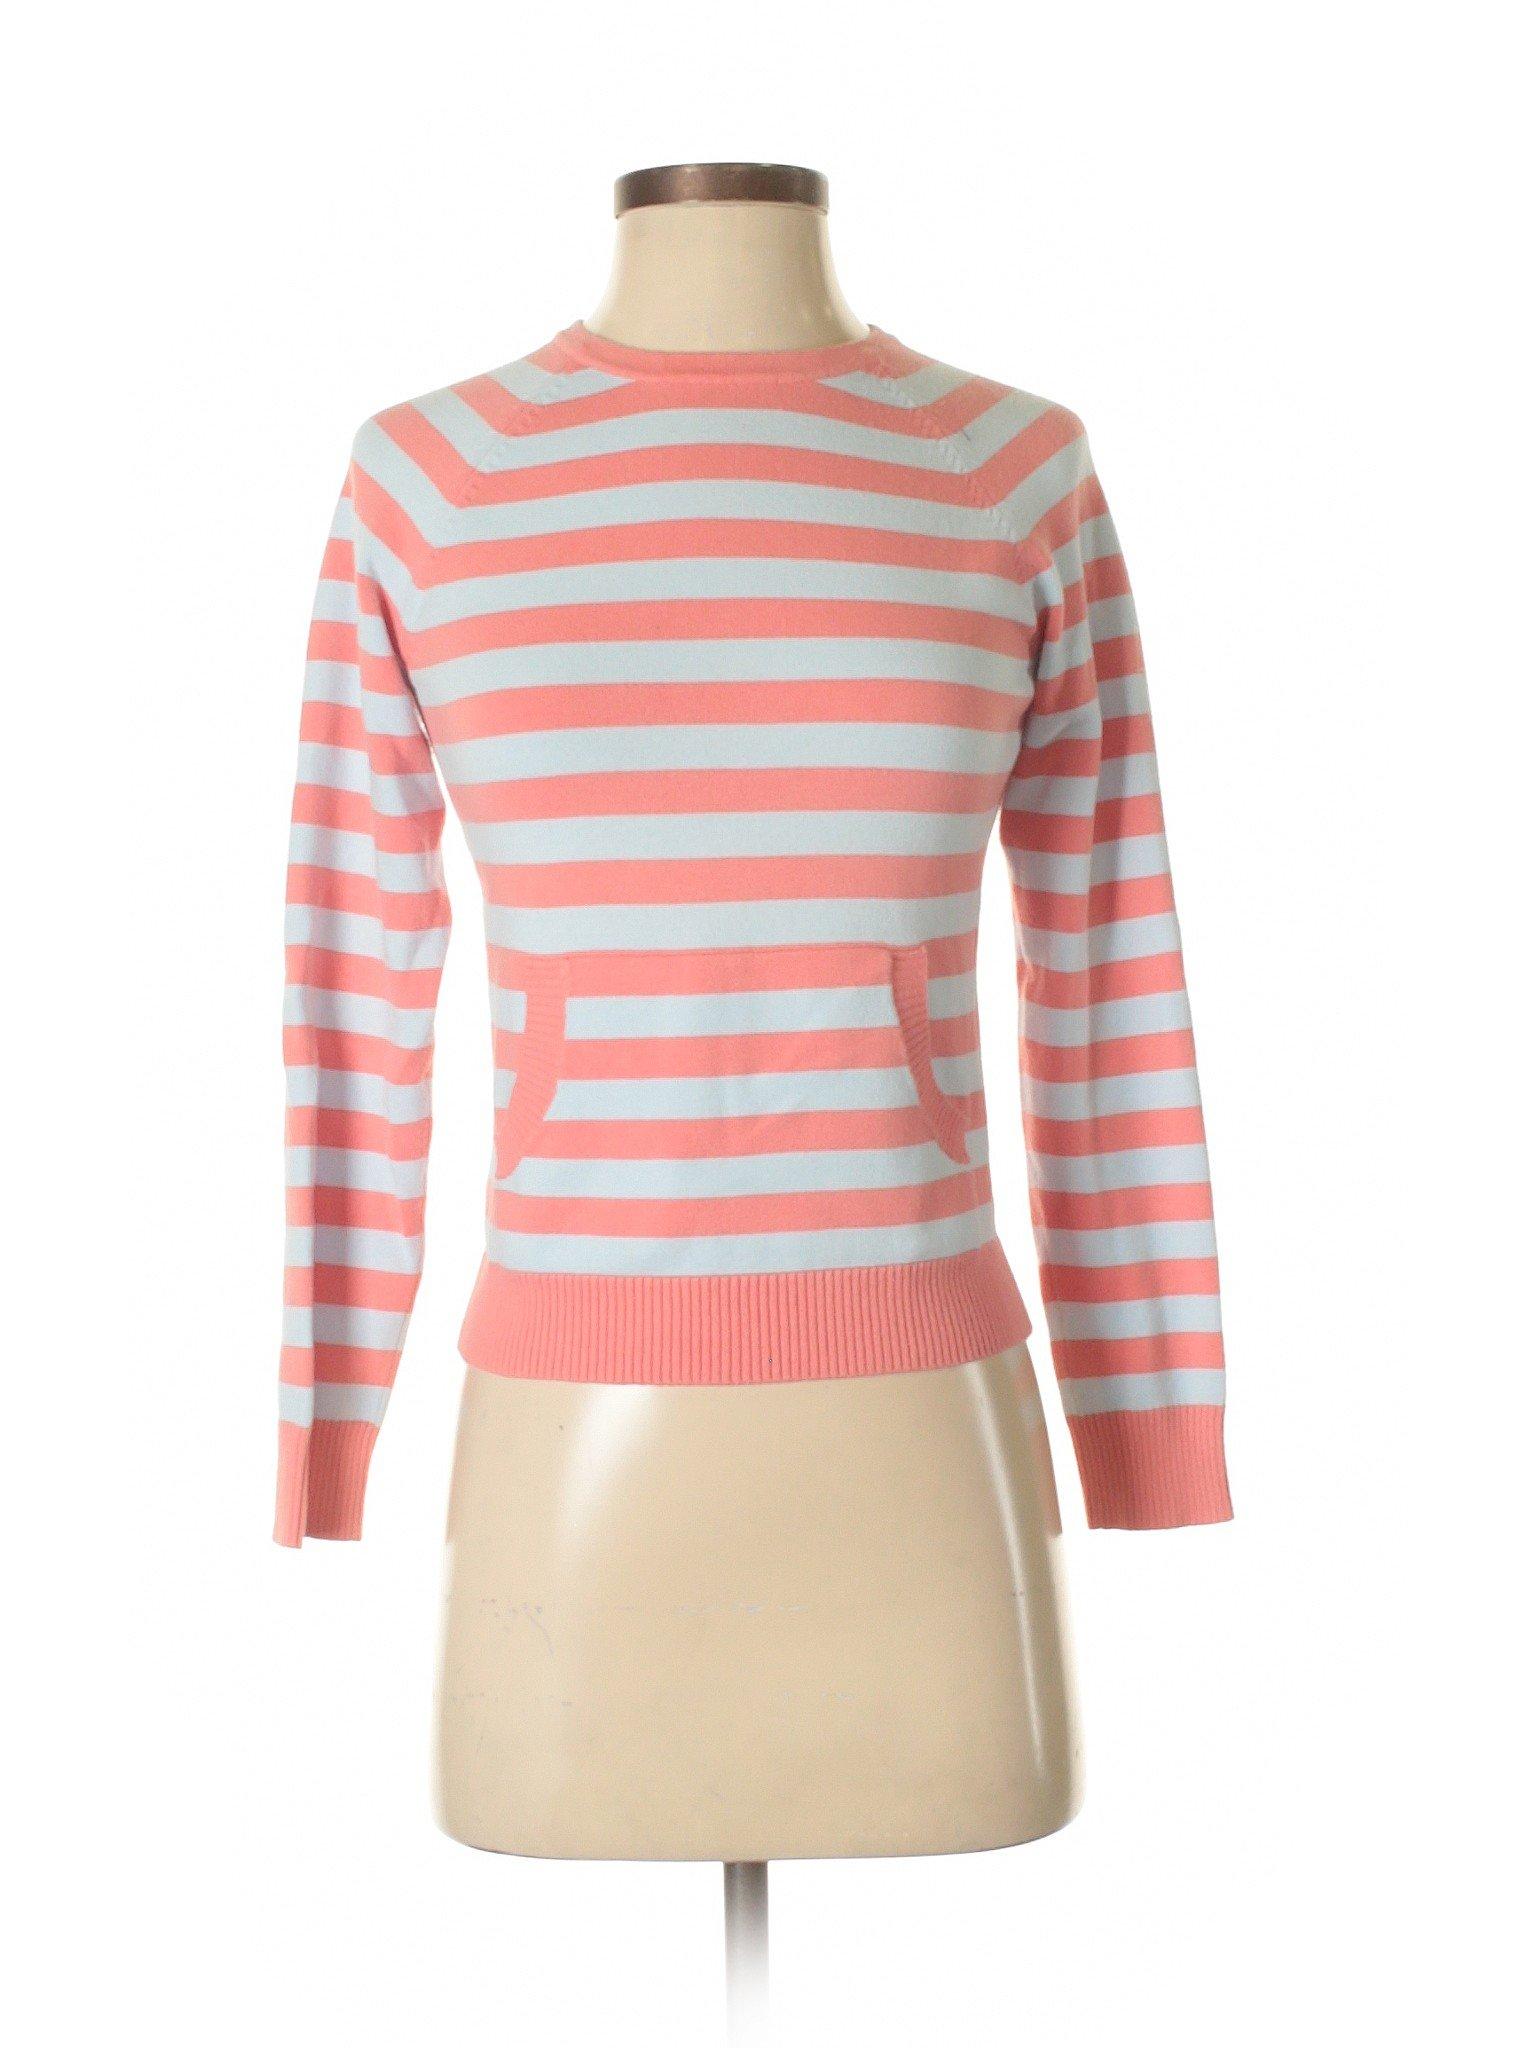 Pullover Gap Pullover Boutique Boutique Boutique Gap Sweater Sweater Boutique Gap Pullover Gap Sweater IBCaqwq